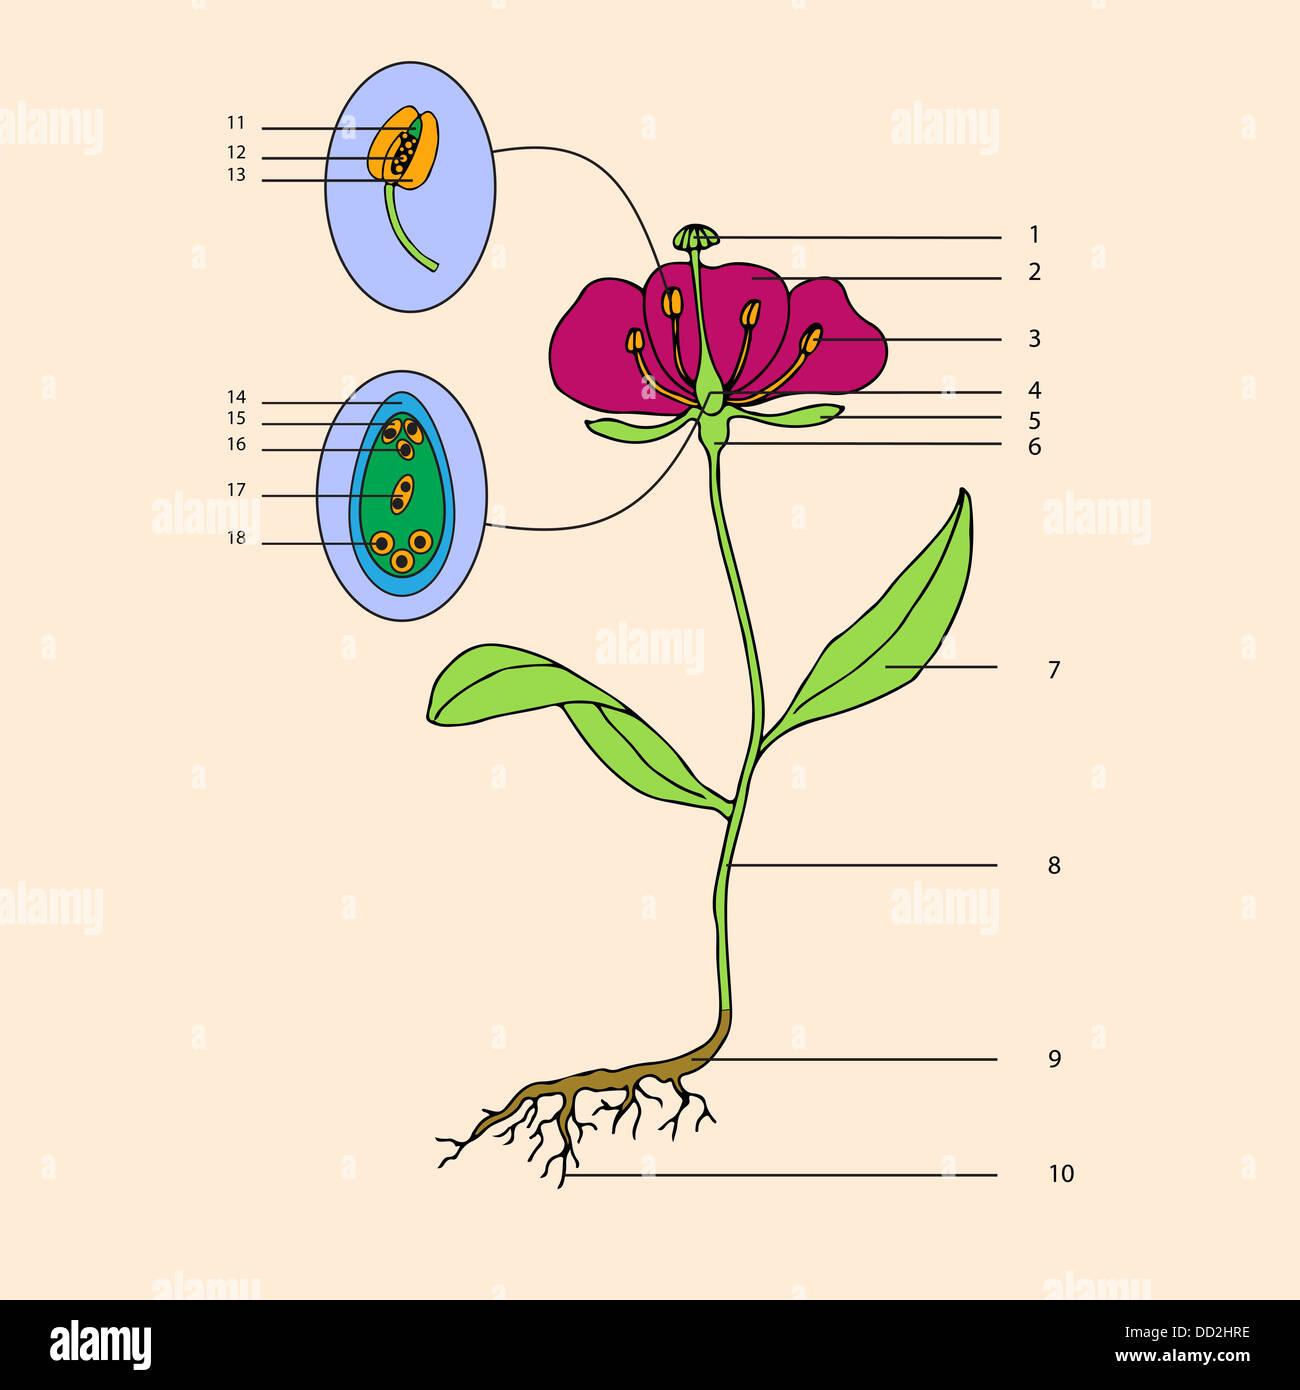 botanic, educational illustration - Stock Image